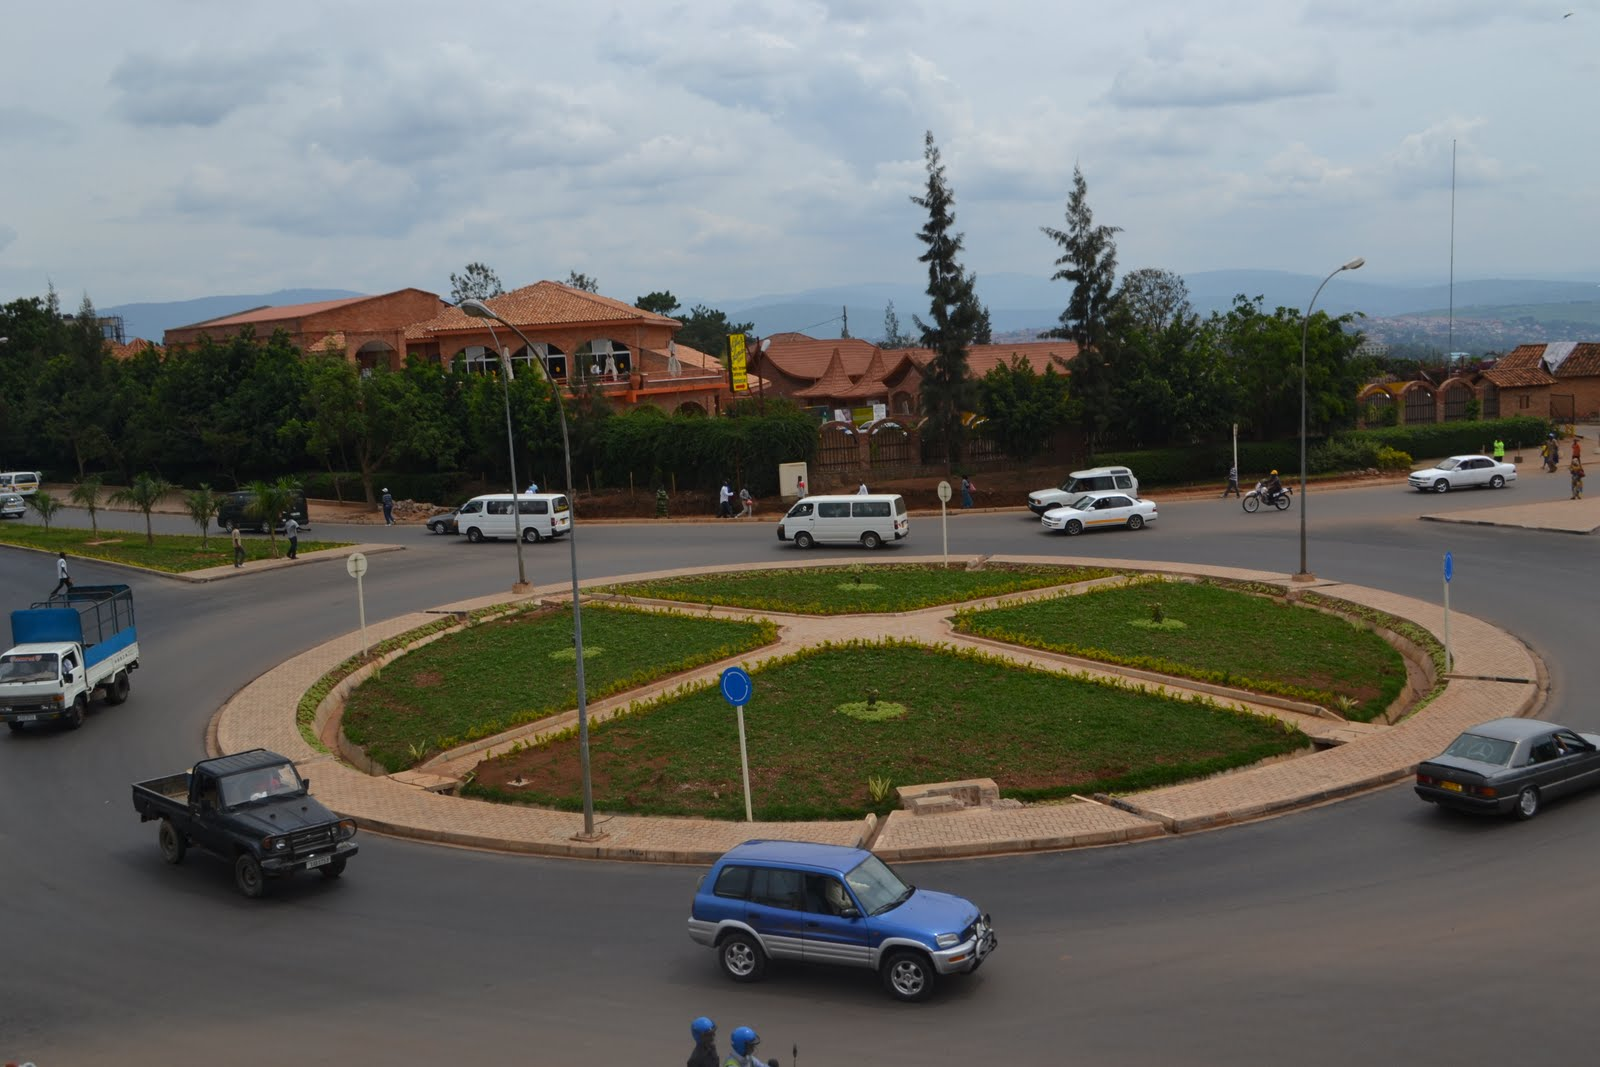 Le rond point de gisimenti un joyau de la ville de kigali for Au rond point de la piscine